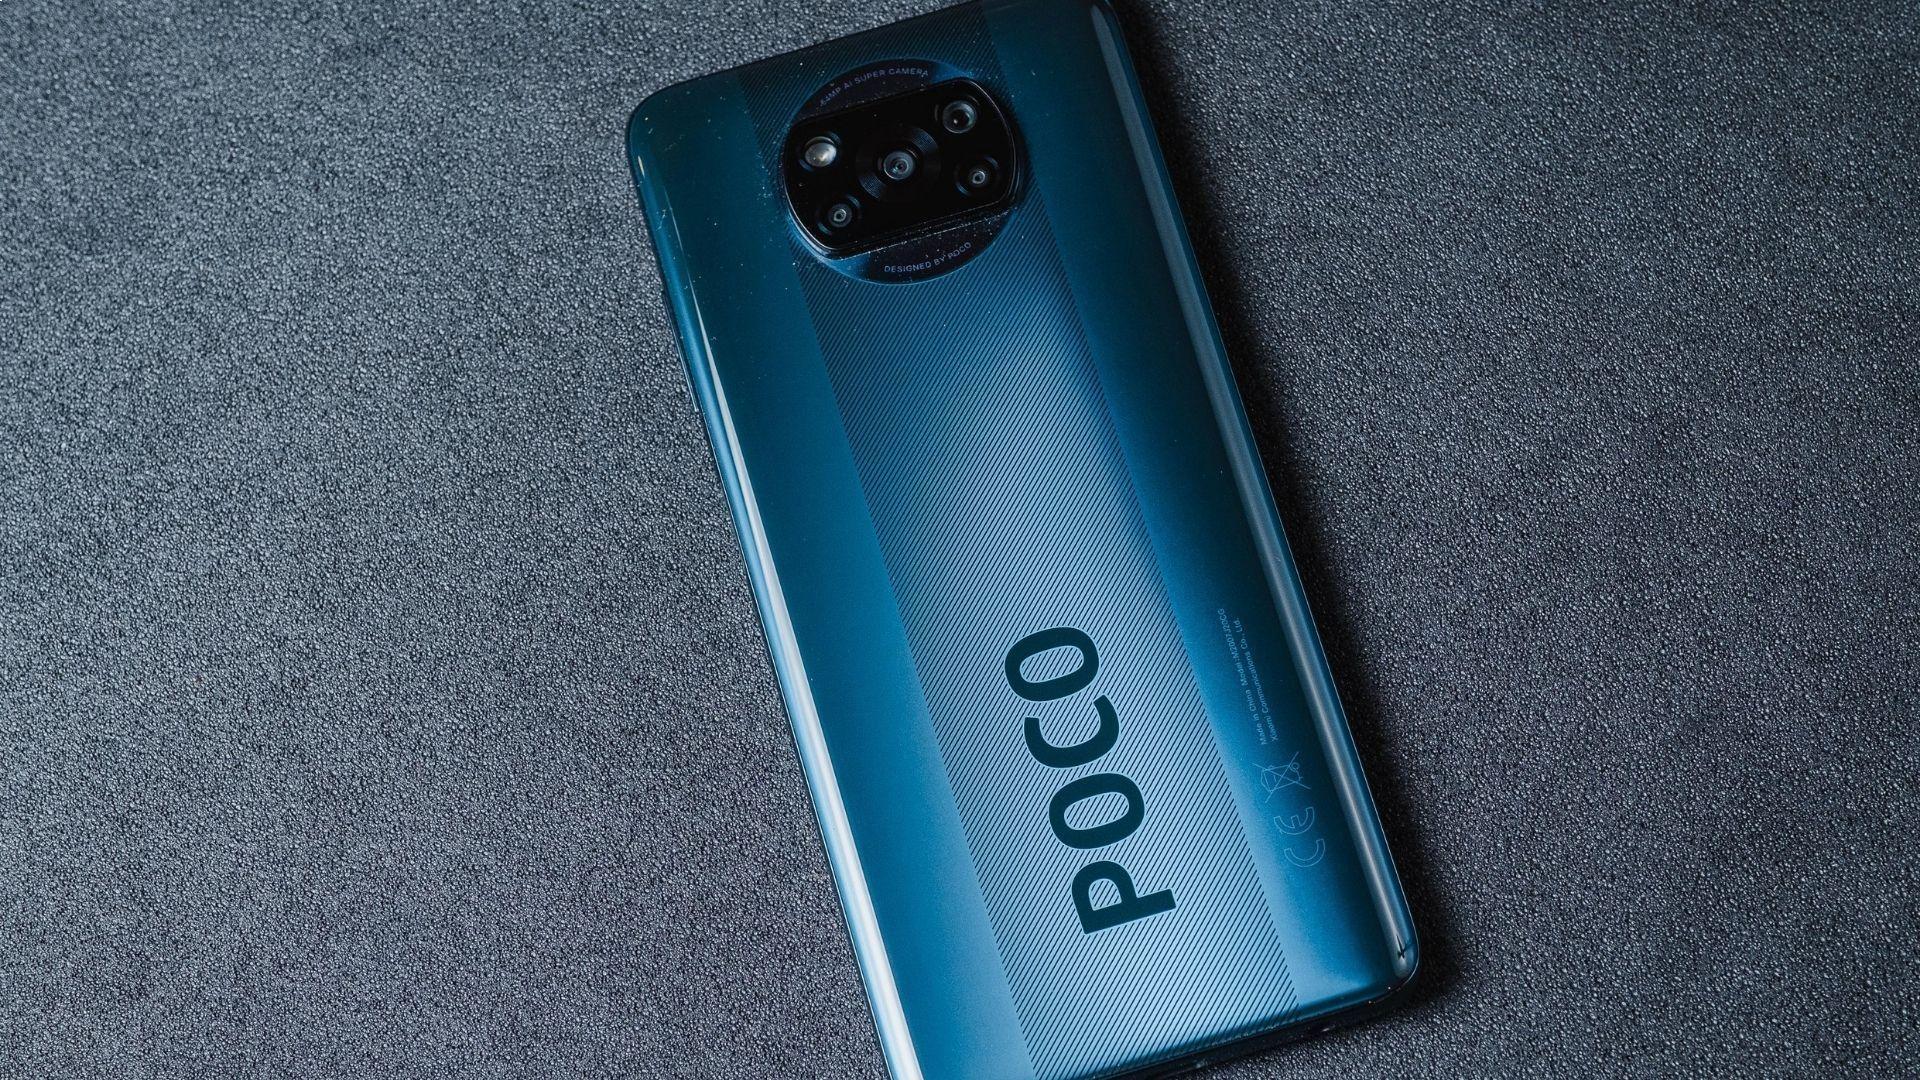 Tela do Xiaomi Poco X3 NFC tem taxa de atualização de 120 Hz (Foto: Zoom)